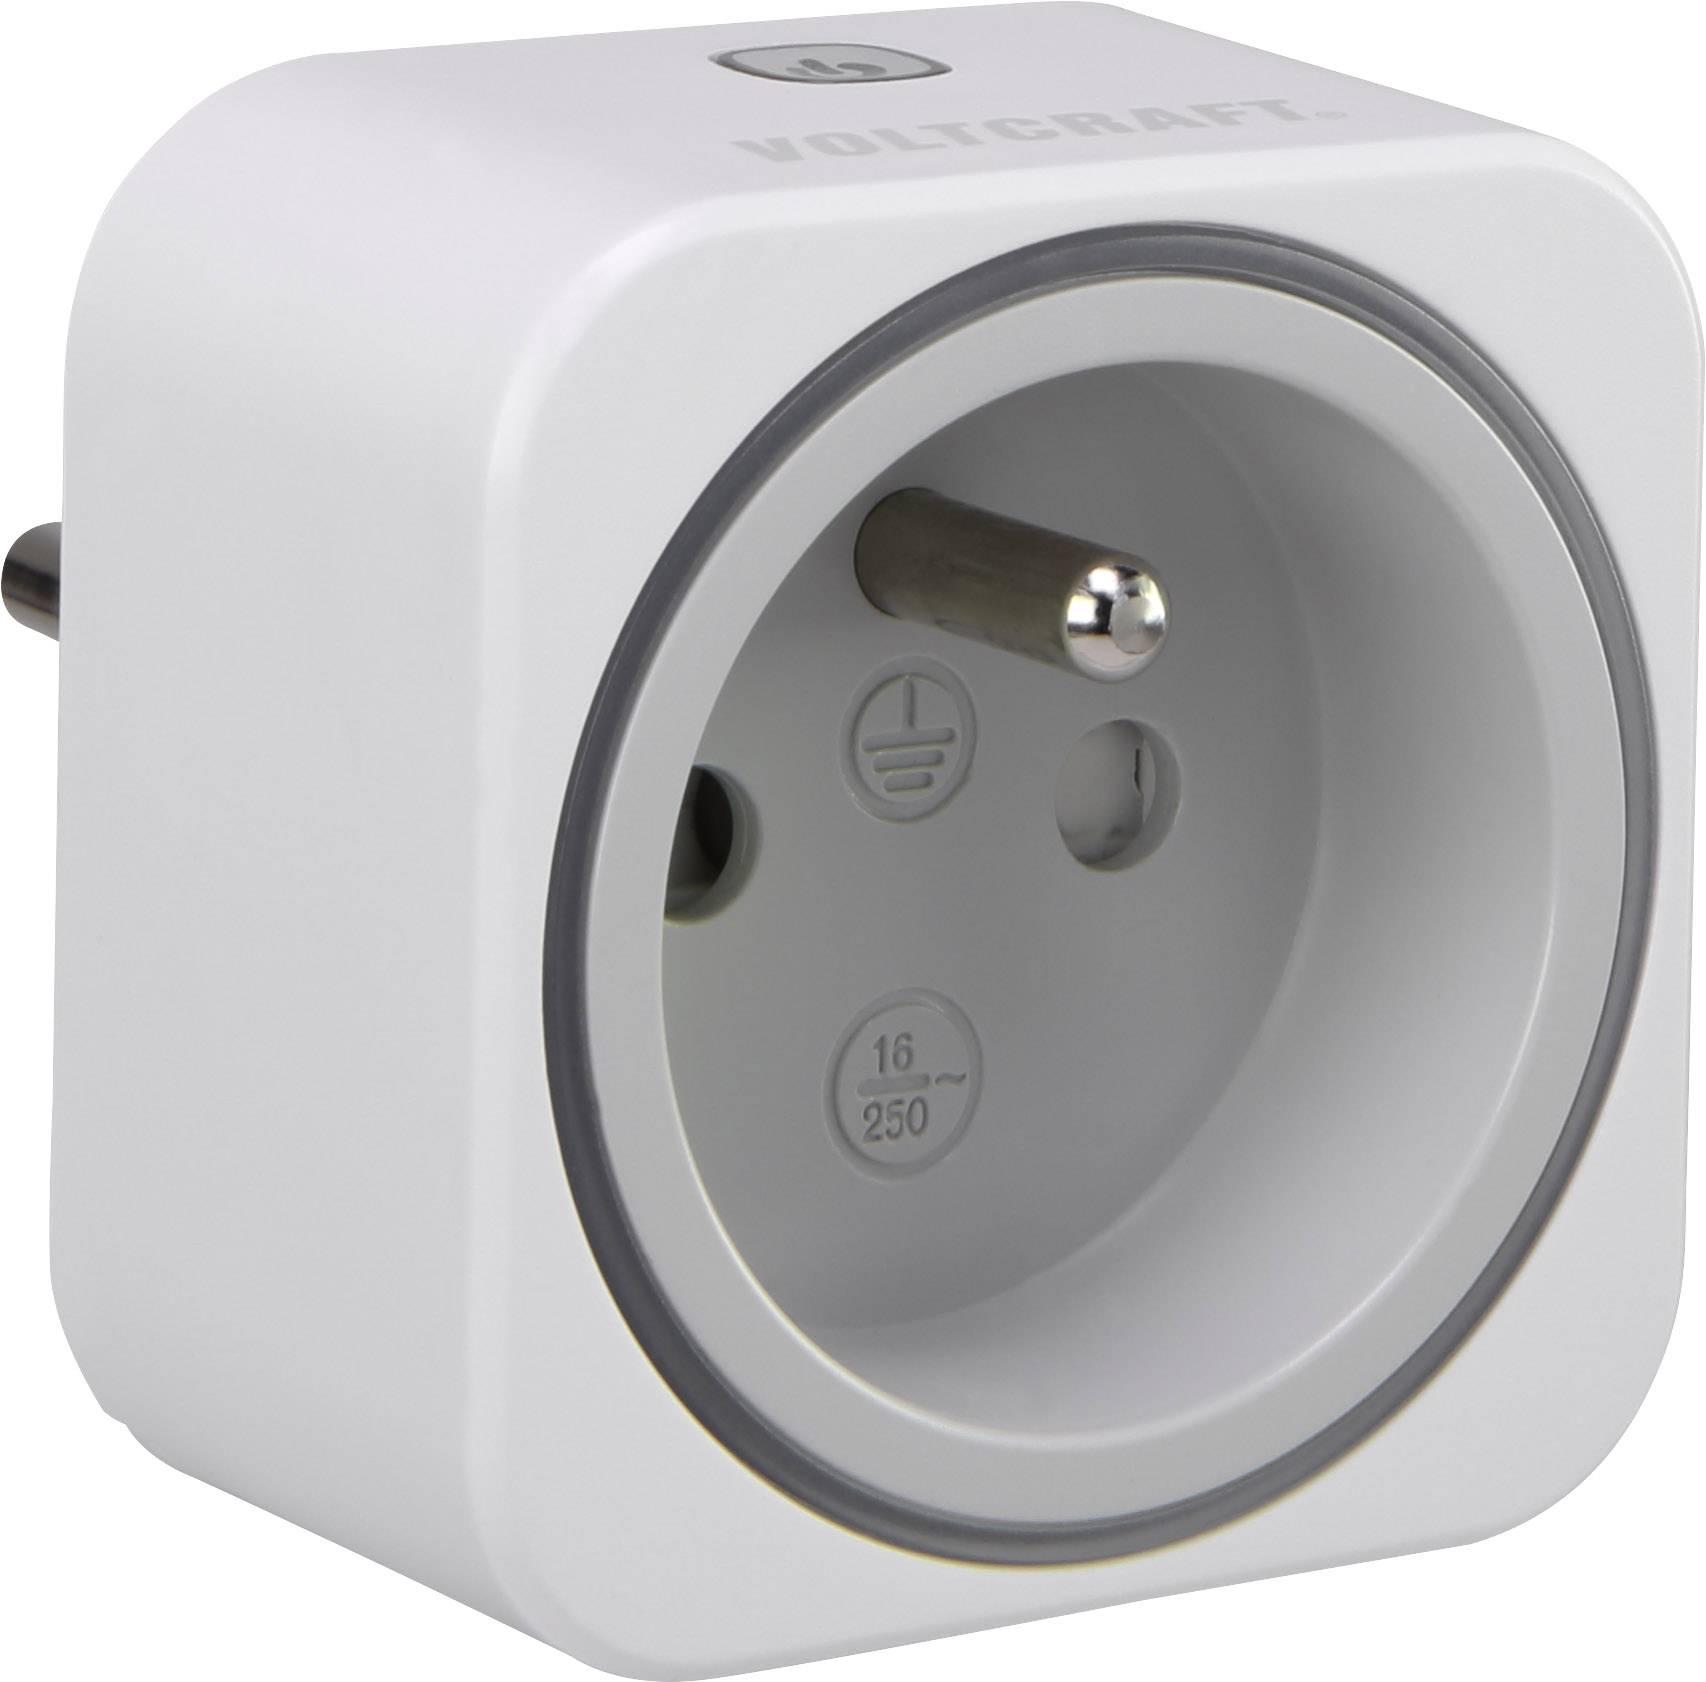 Zásuvkový měřič spotřeby el. energie a spínací zásuvka 2v1 VOLTCRAFT SEM6000 FR, s Bluetooth, CZ verze